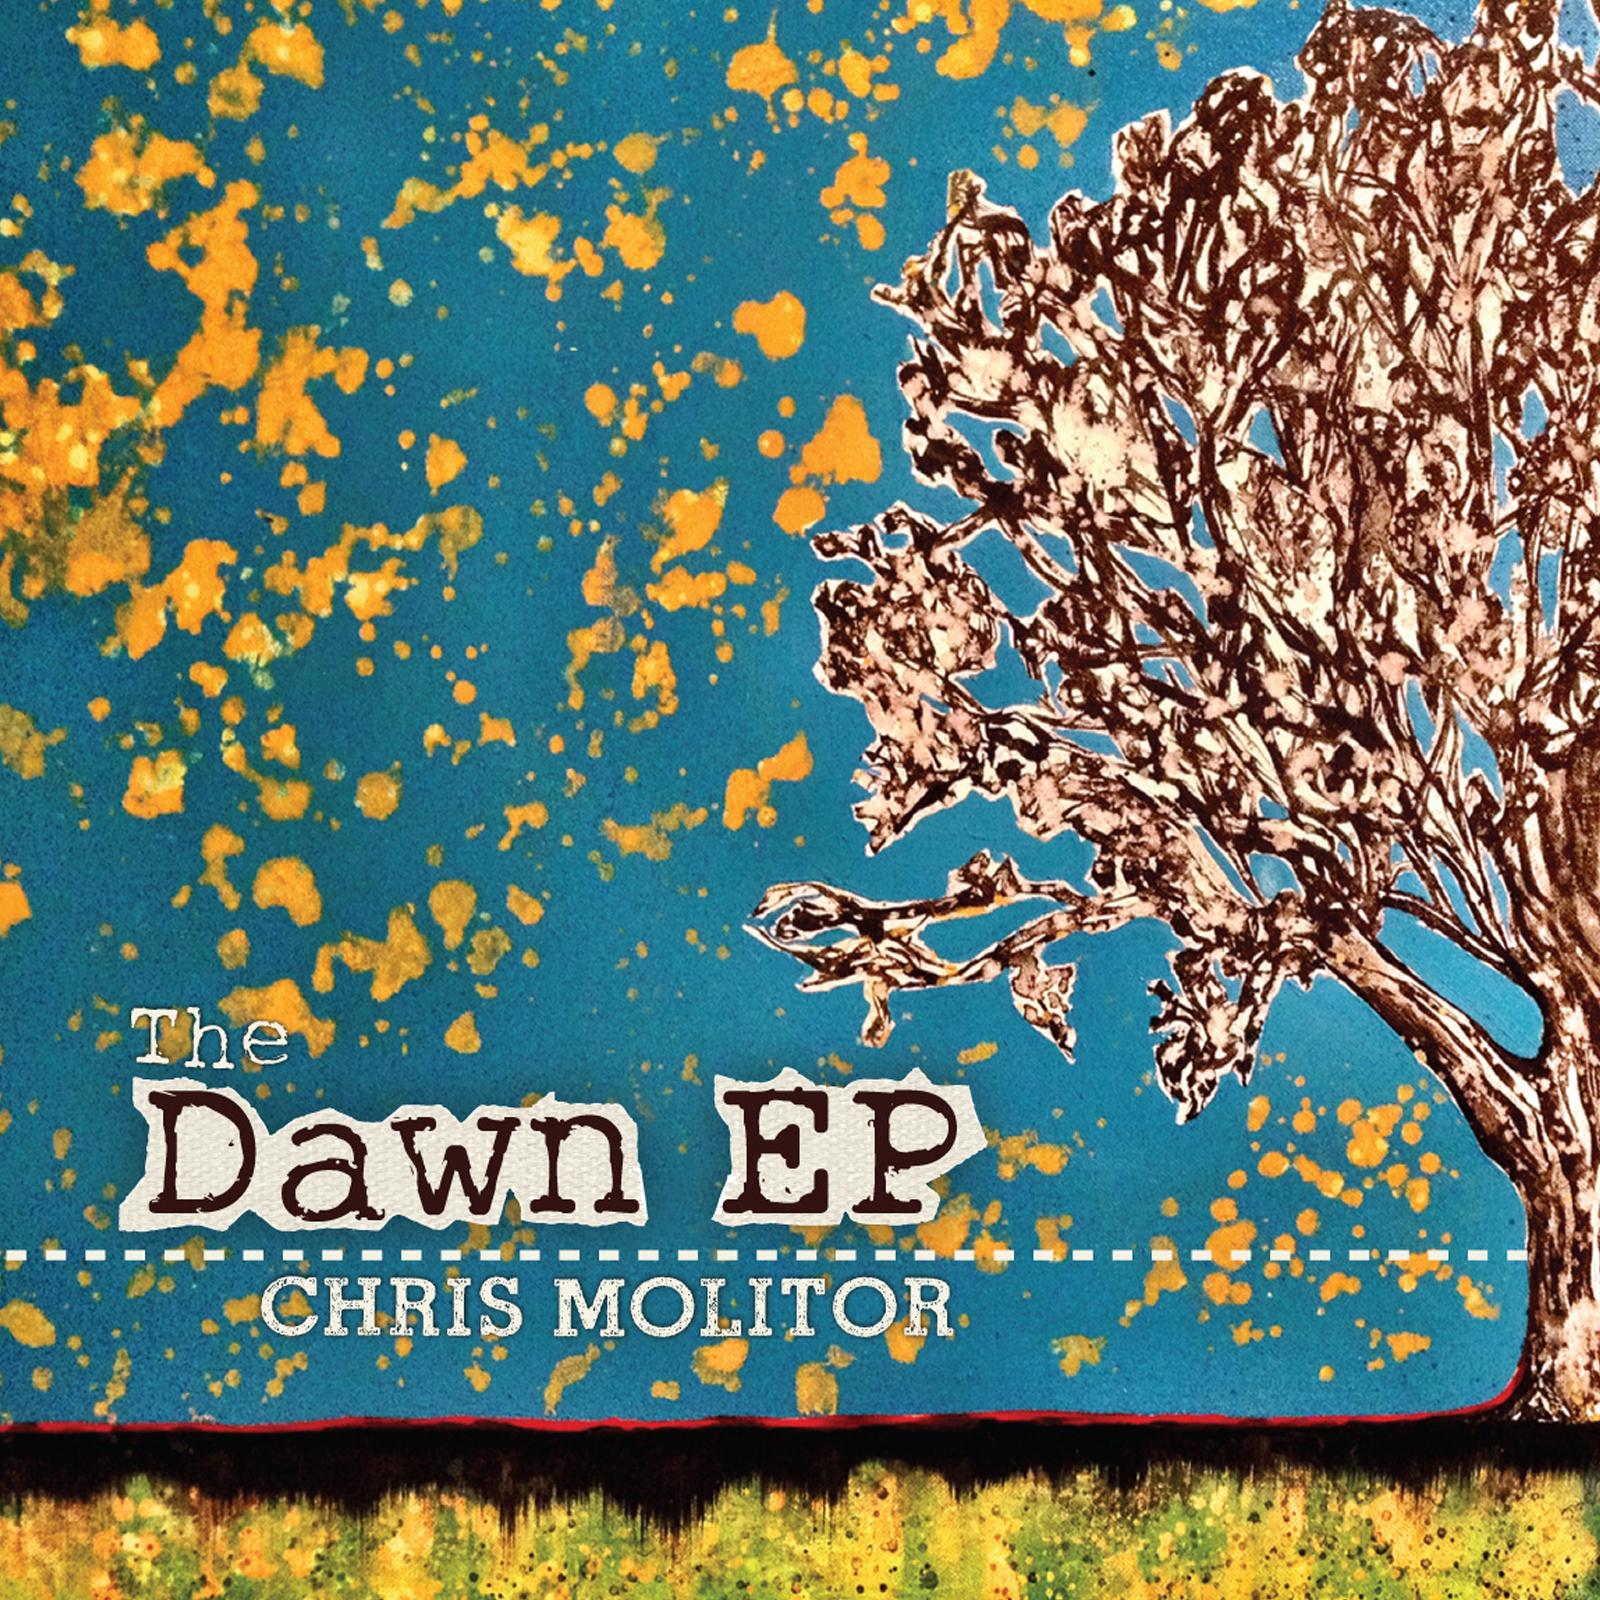 DawnEPDigitalimage.jpg